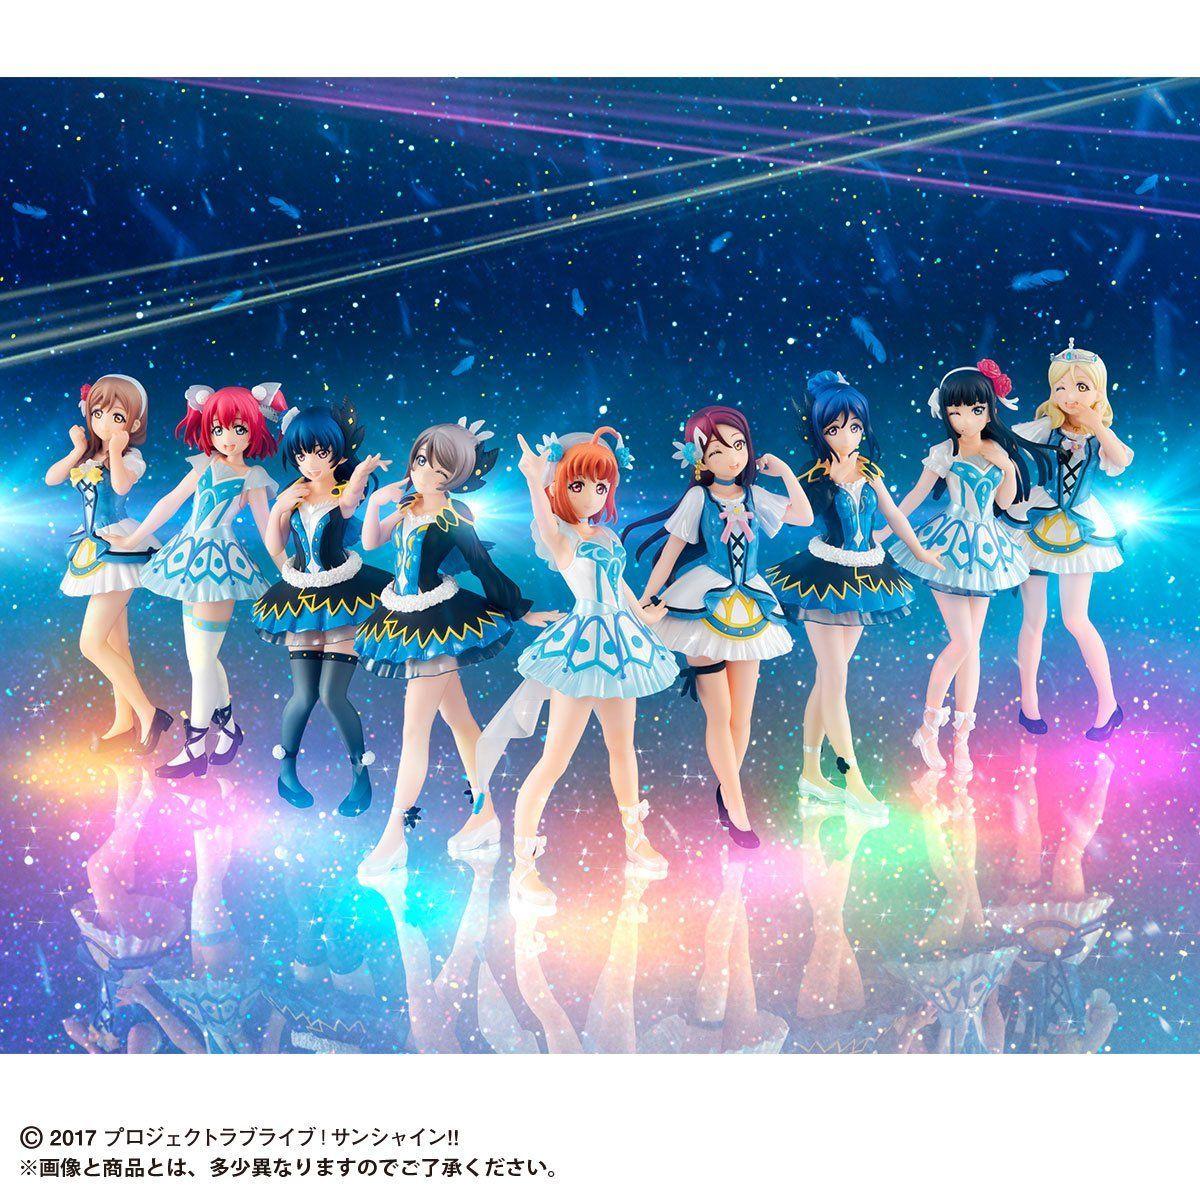 Gasha Portraits『ラブライブ!サンシャイン!! ~WATER BLUE NEW WORLD SET~』セット-009